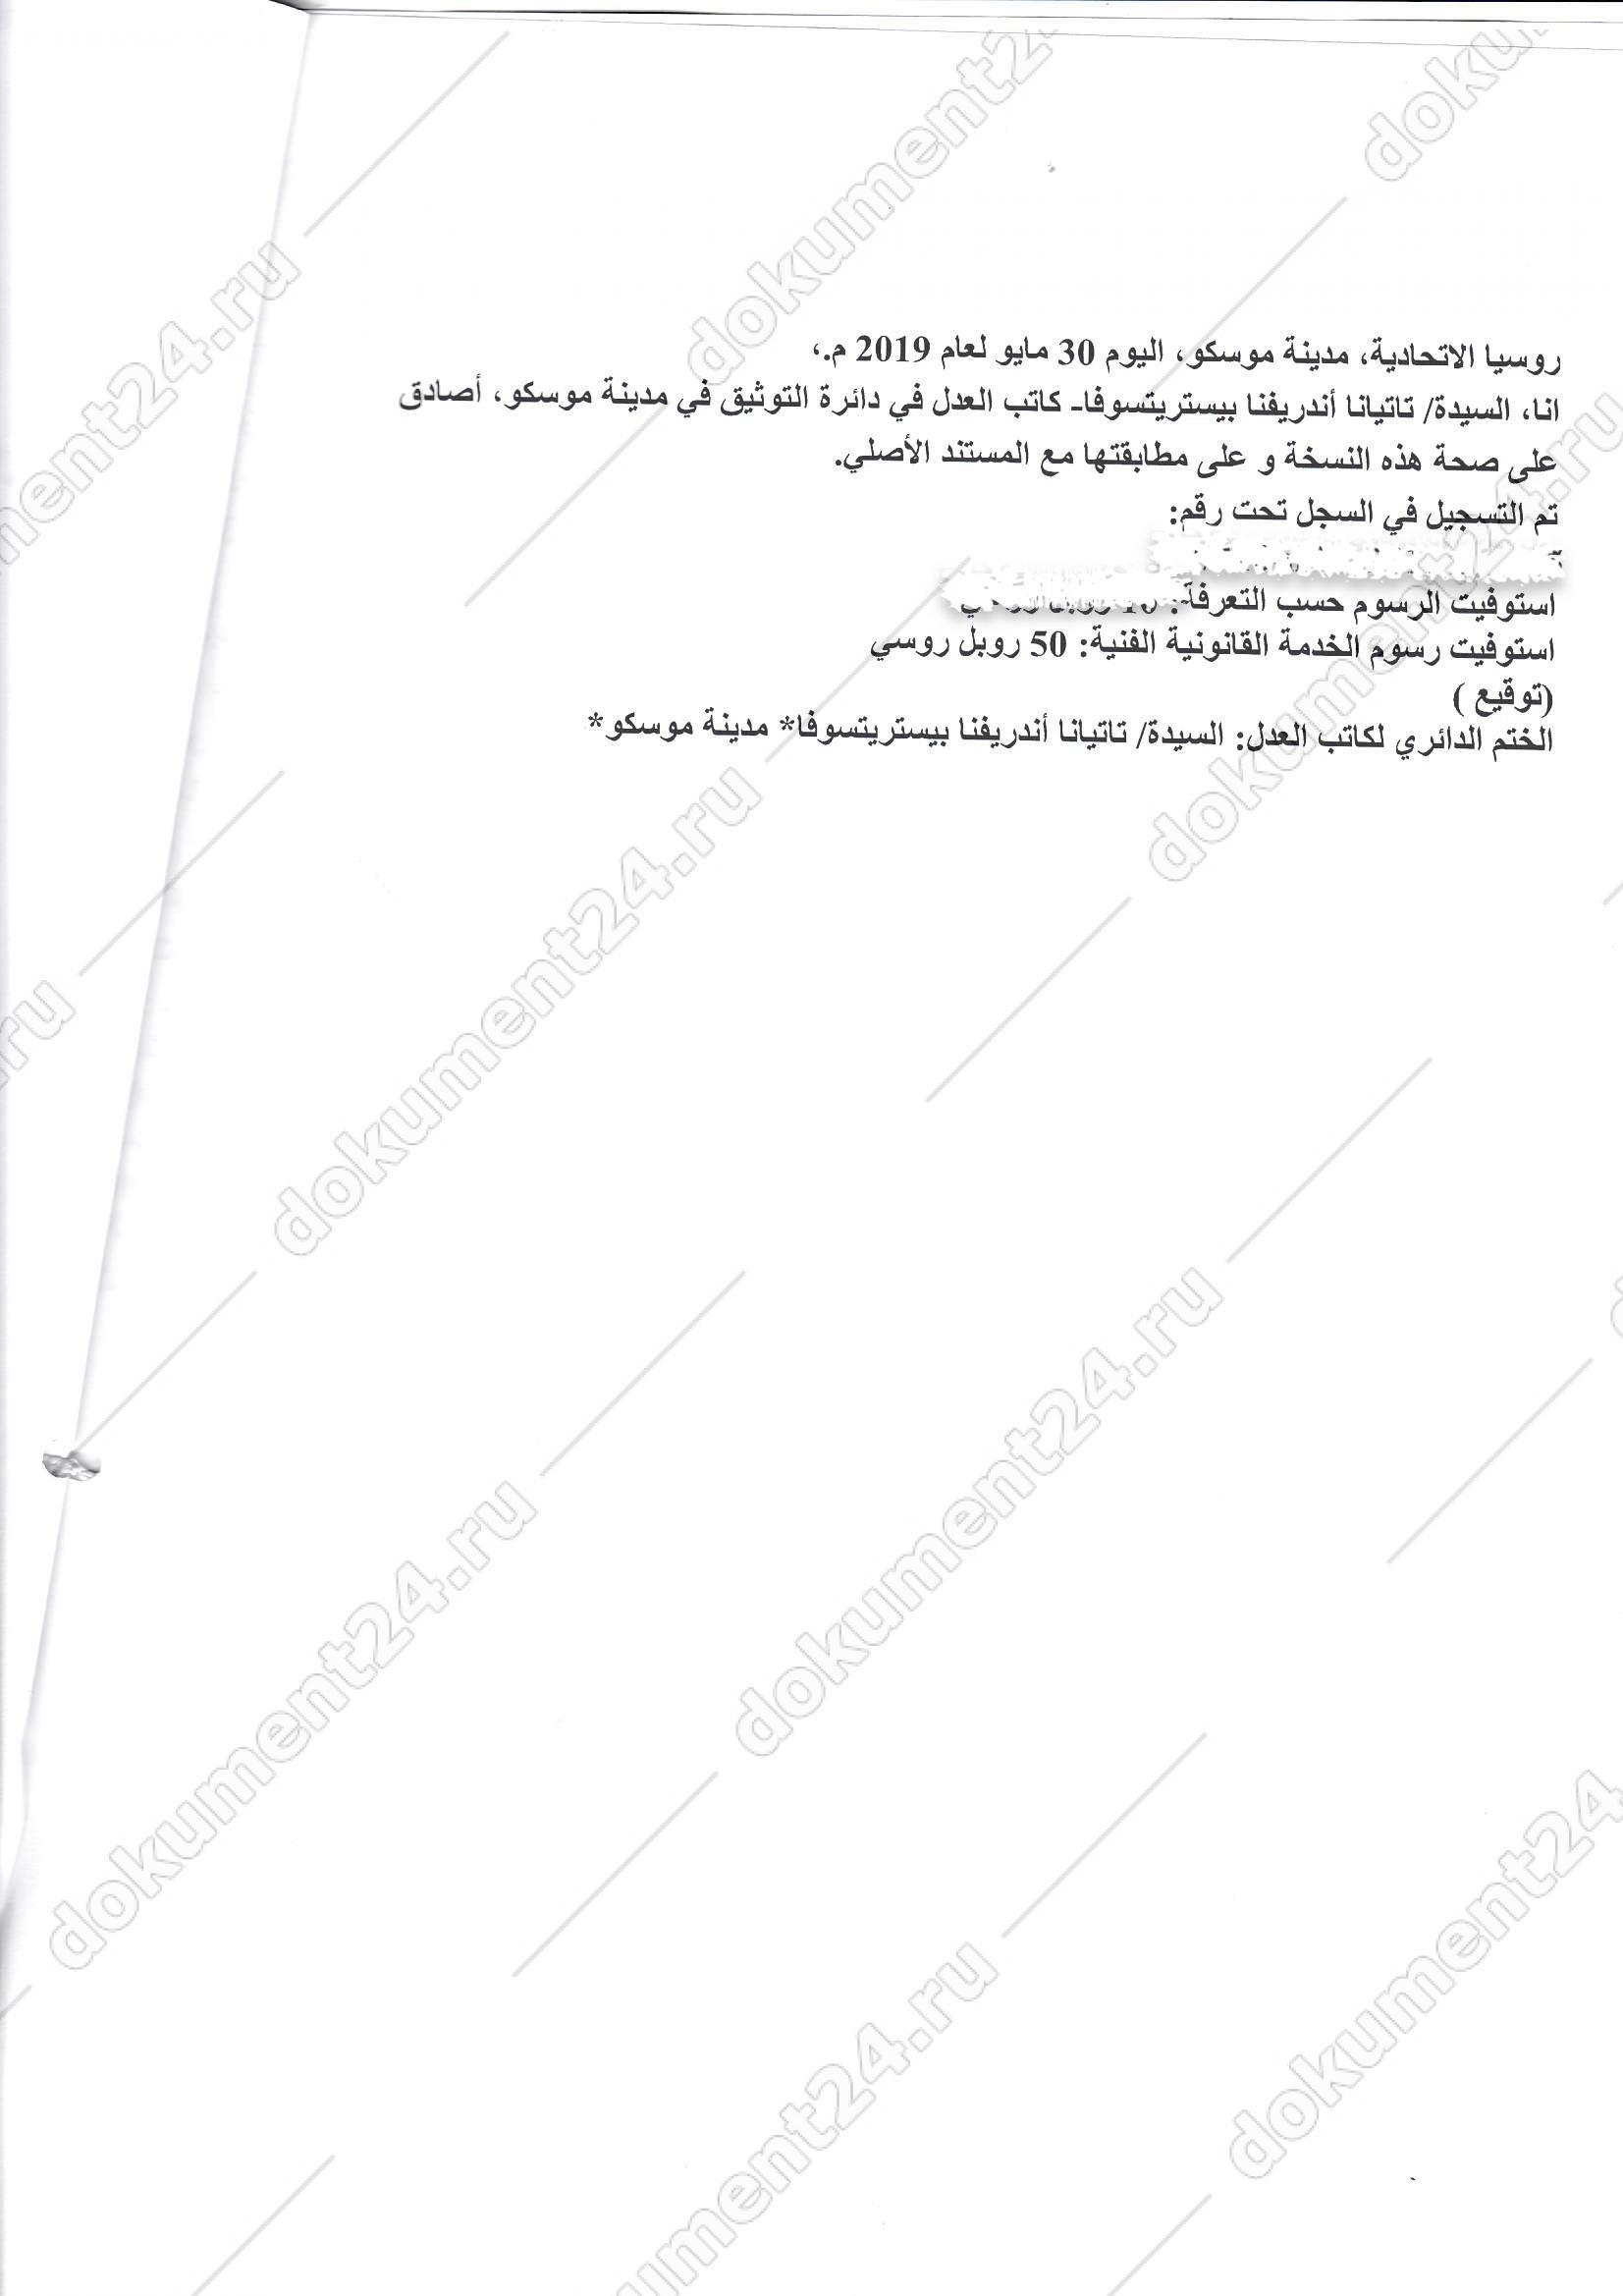 notarialnyi perevod svidetelstva rozhdenii arabskii